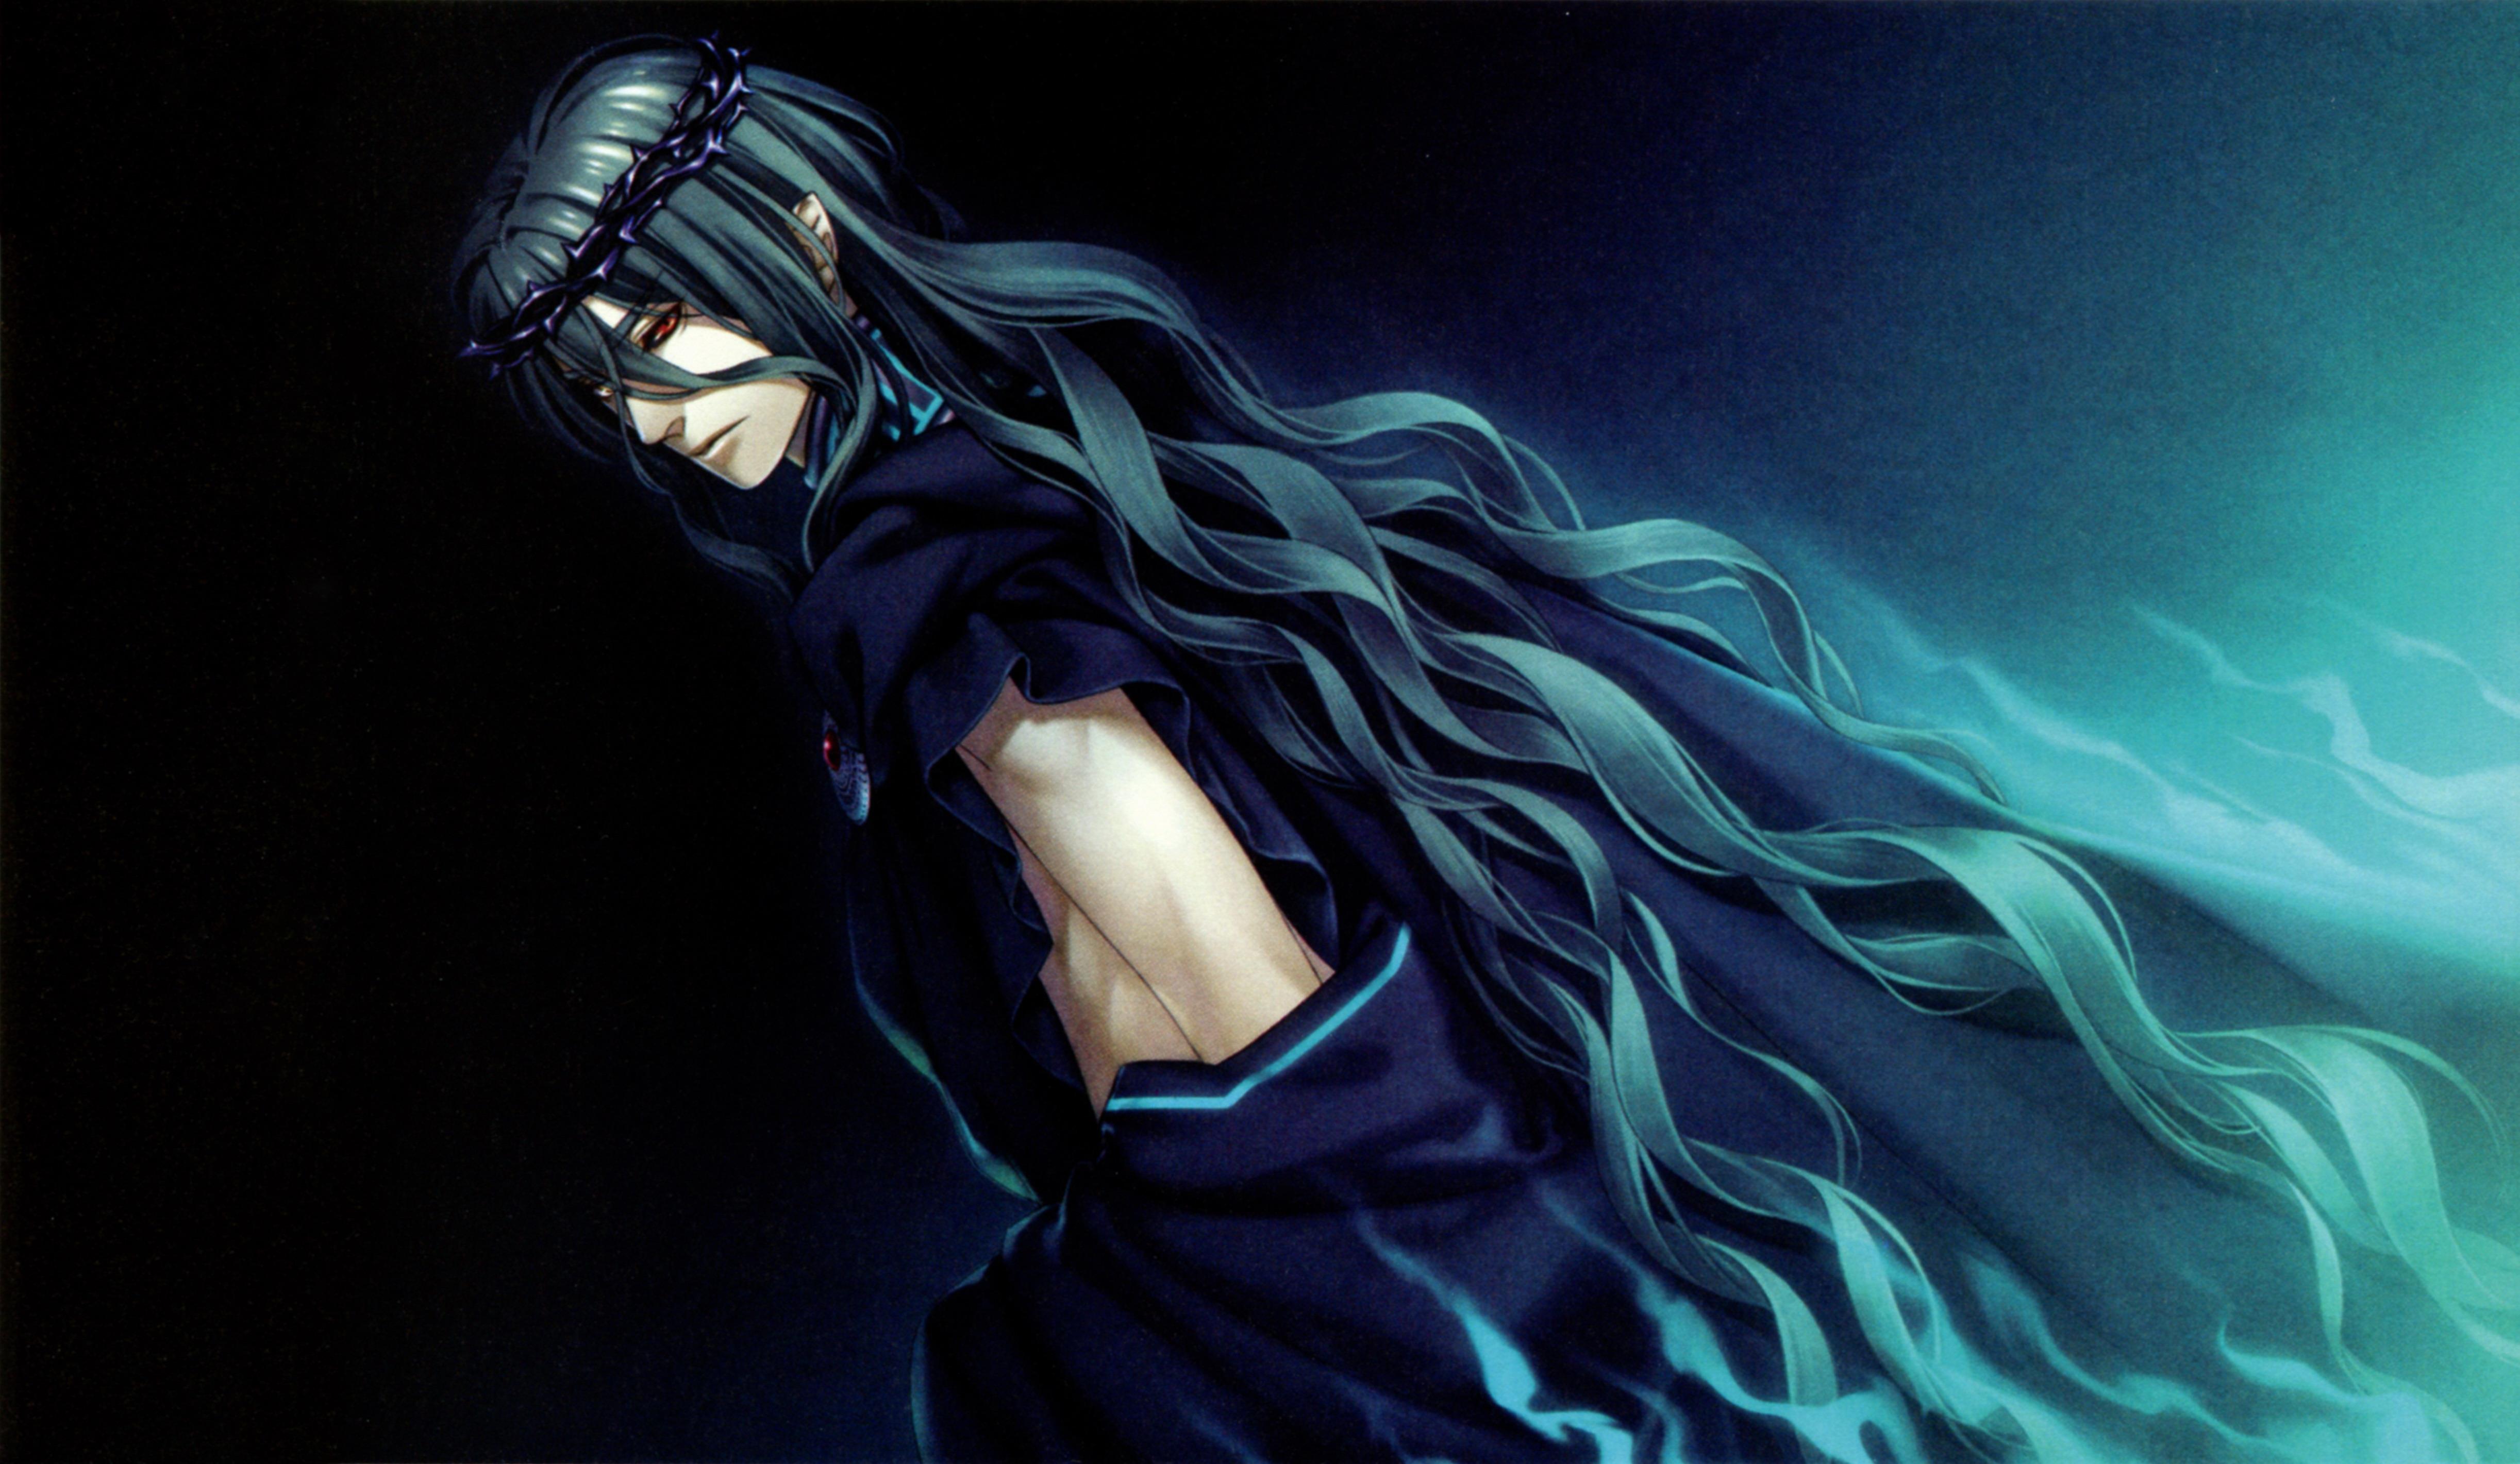 Resultado de imagem para kamigami no asobi hades god form